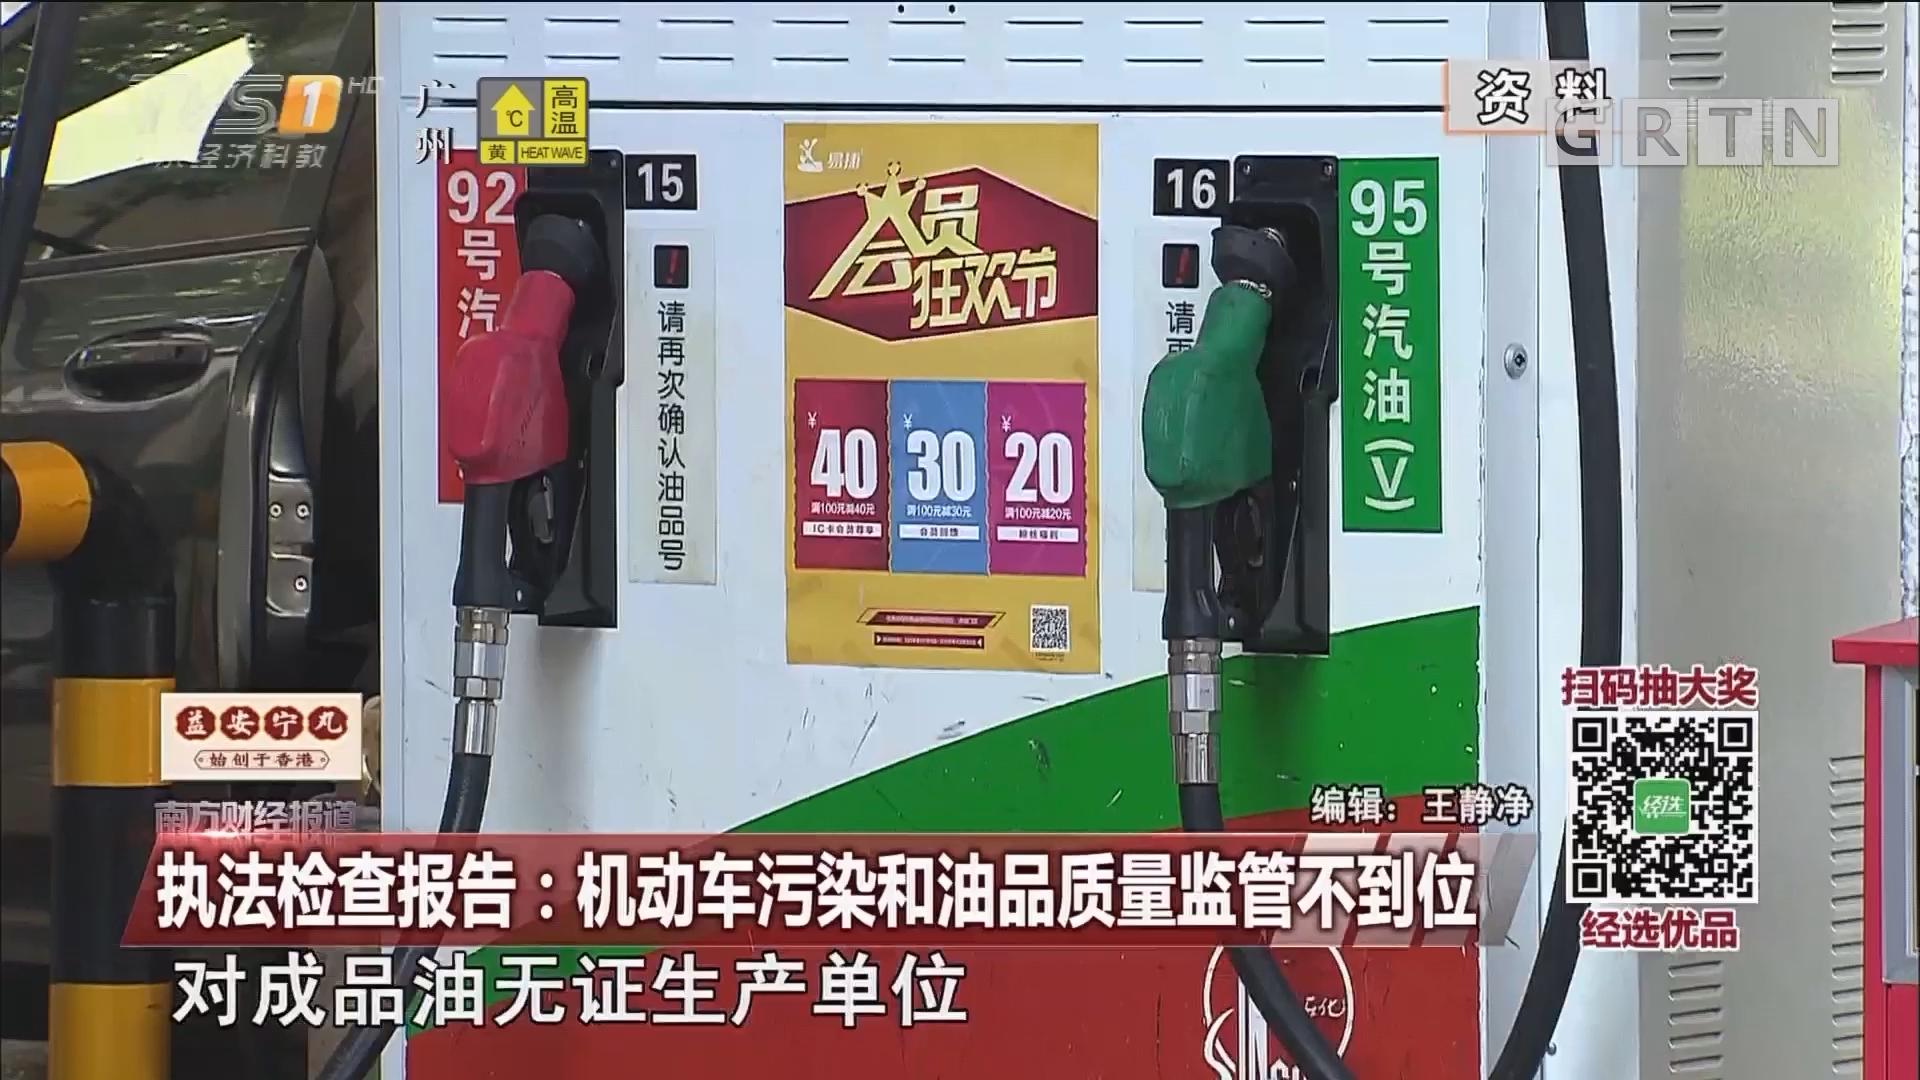 执法检查报告:机动车污染和油品质量监管不到位